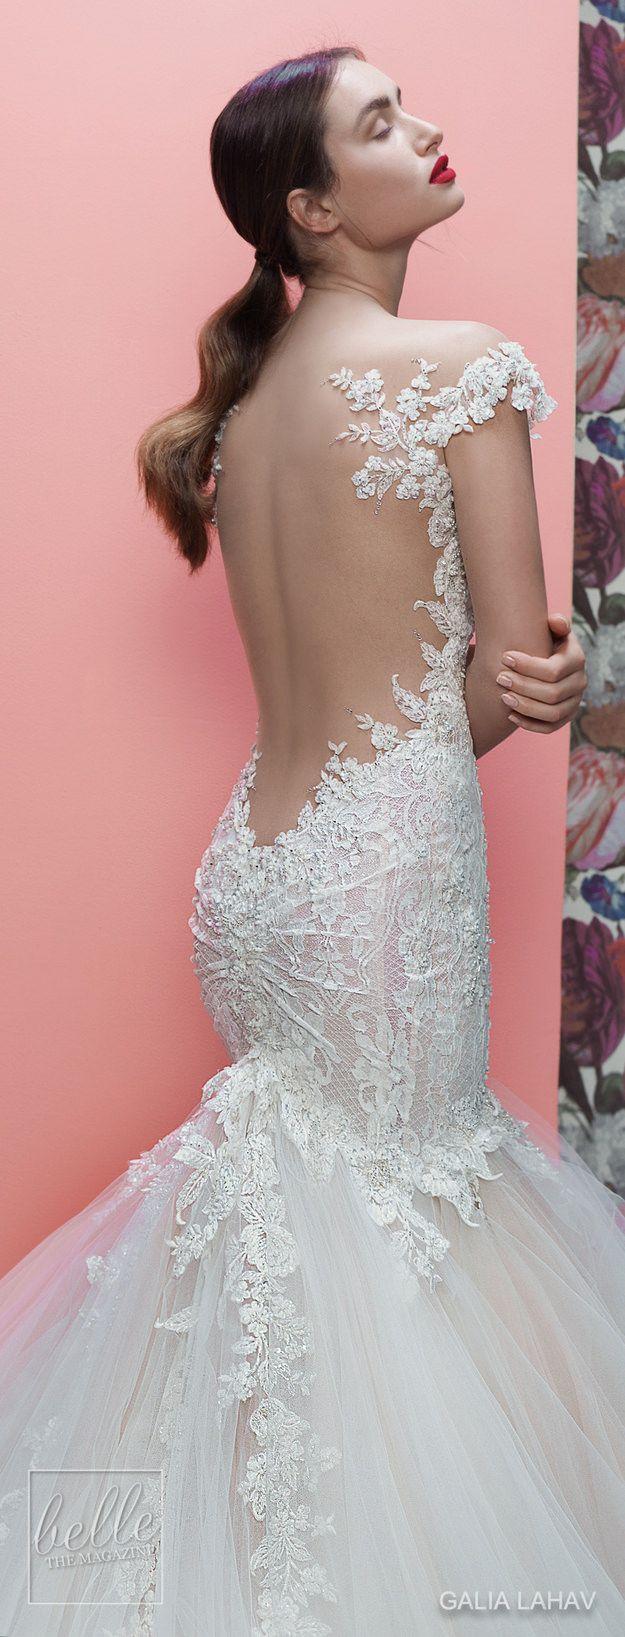 Atractivo Vestidos De Dama Nj Galería - Colección de Vestidos de ...